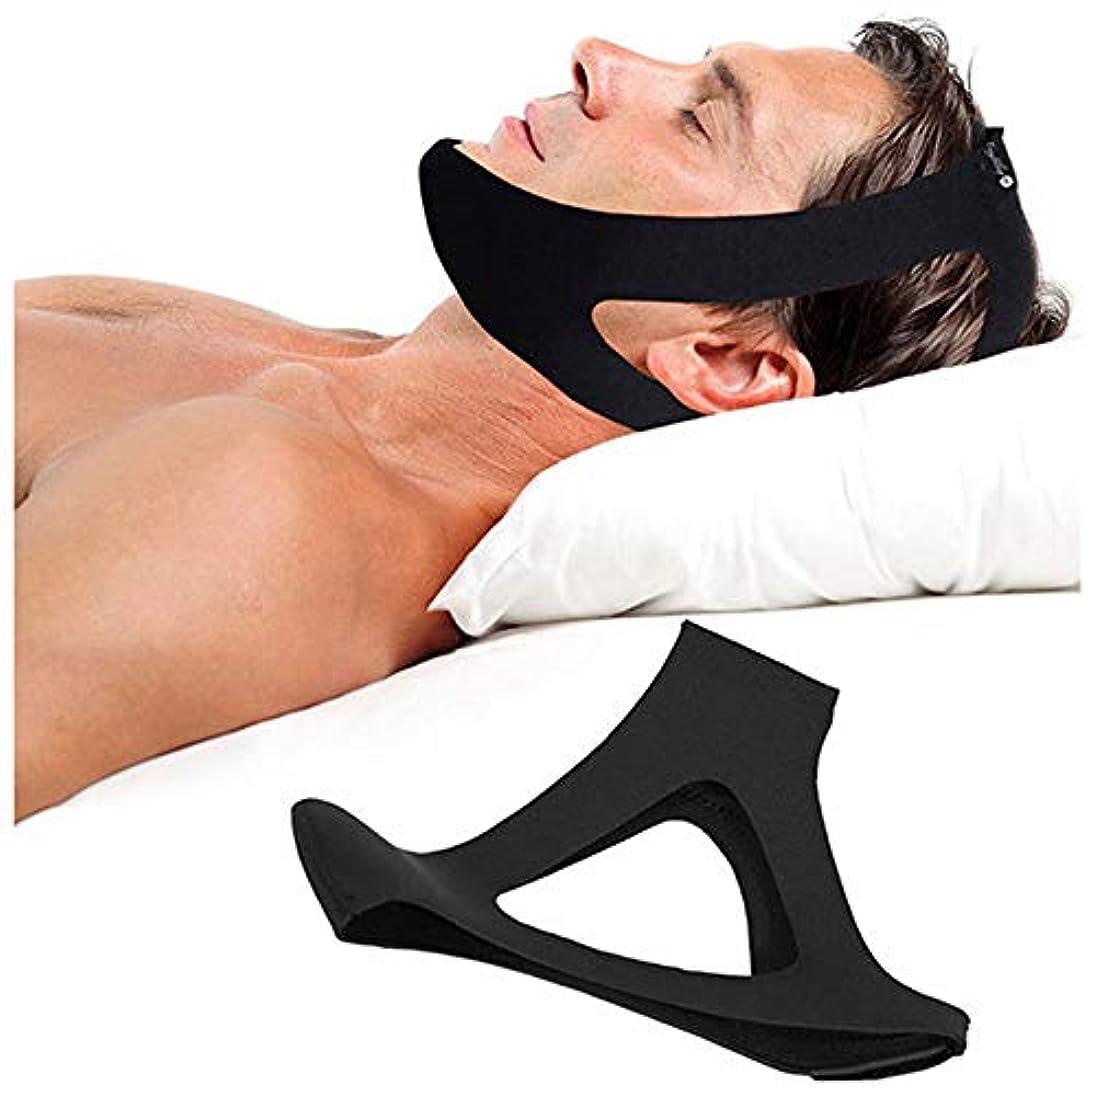 骨髄受粉者実証するアンチいびきあごストラップ停止いびきいびきベルト睡眠時無呼吸あごサポートストラップ女性男性ナイト睡眠補助ツールフェイスリフトツール,A